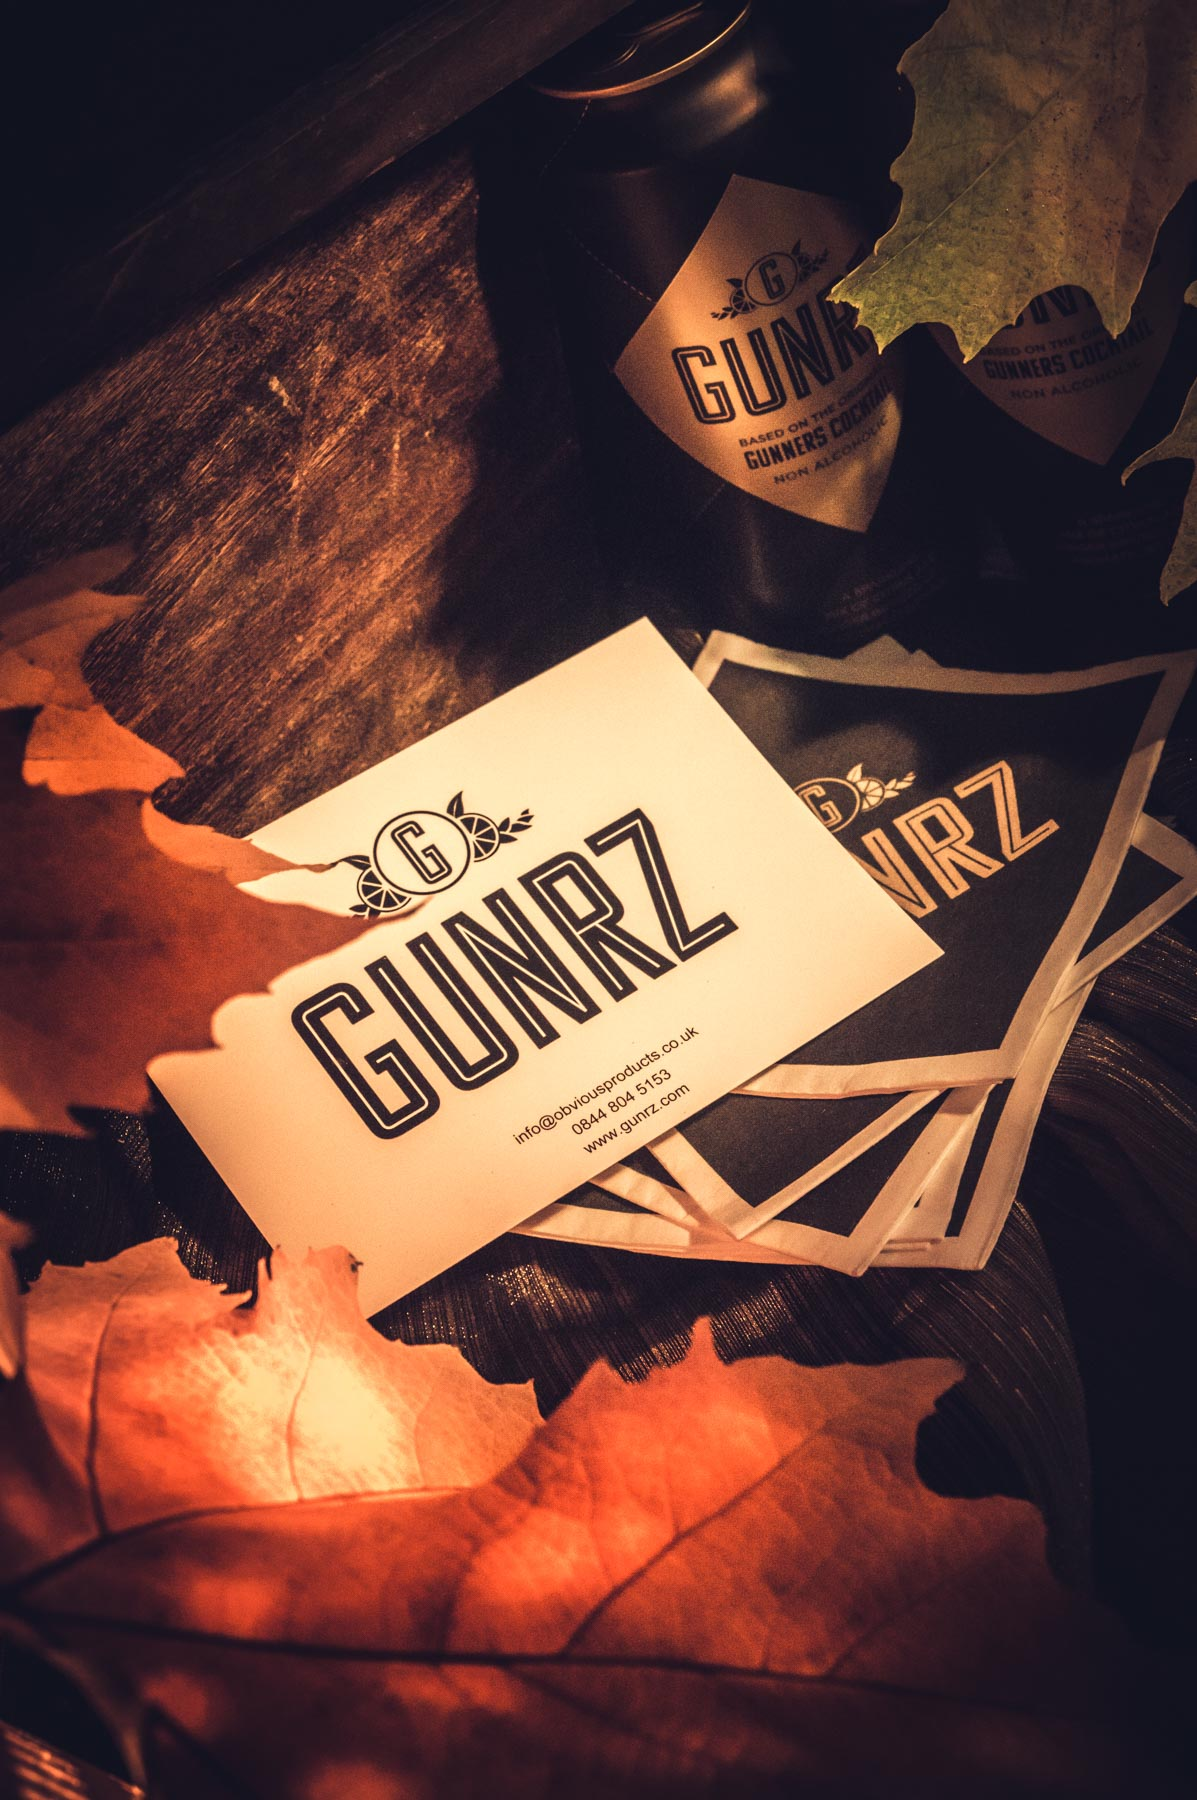 gunrz cocktail